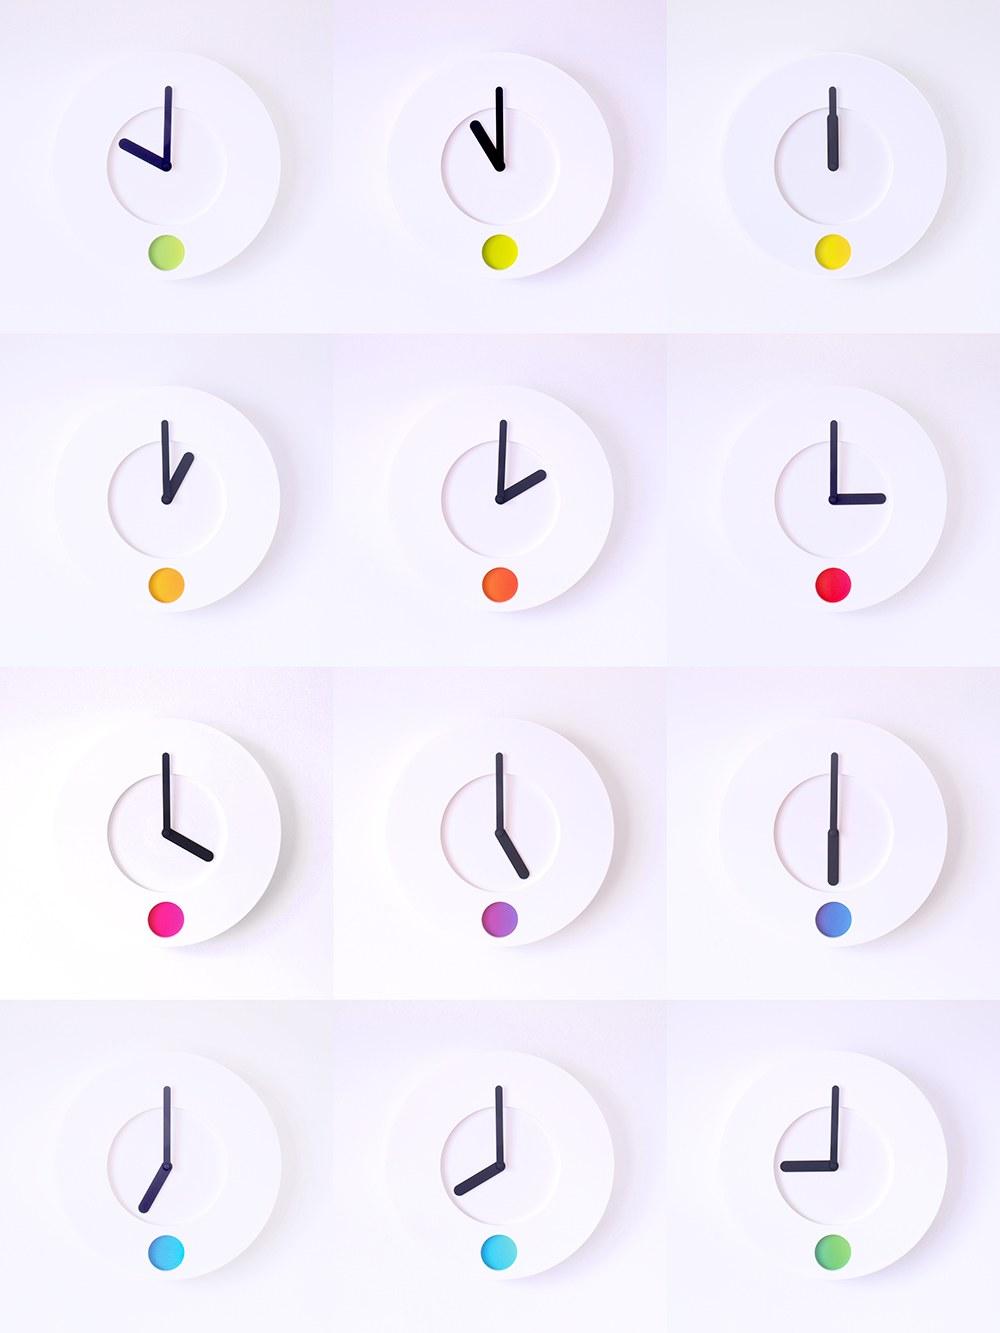 นาฬิกาเปลี่ยนสี ติดผนัง ไอเดียเก๋ไก๋